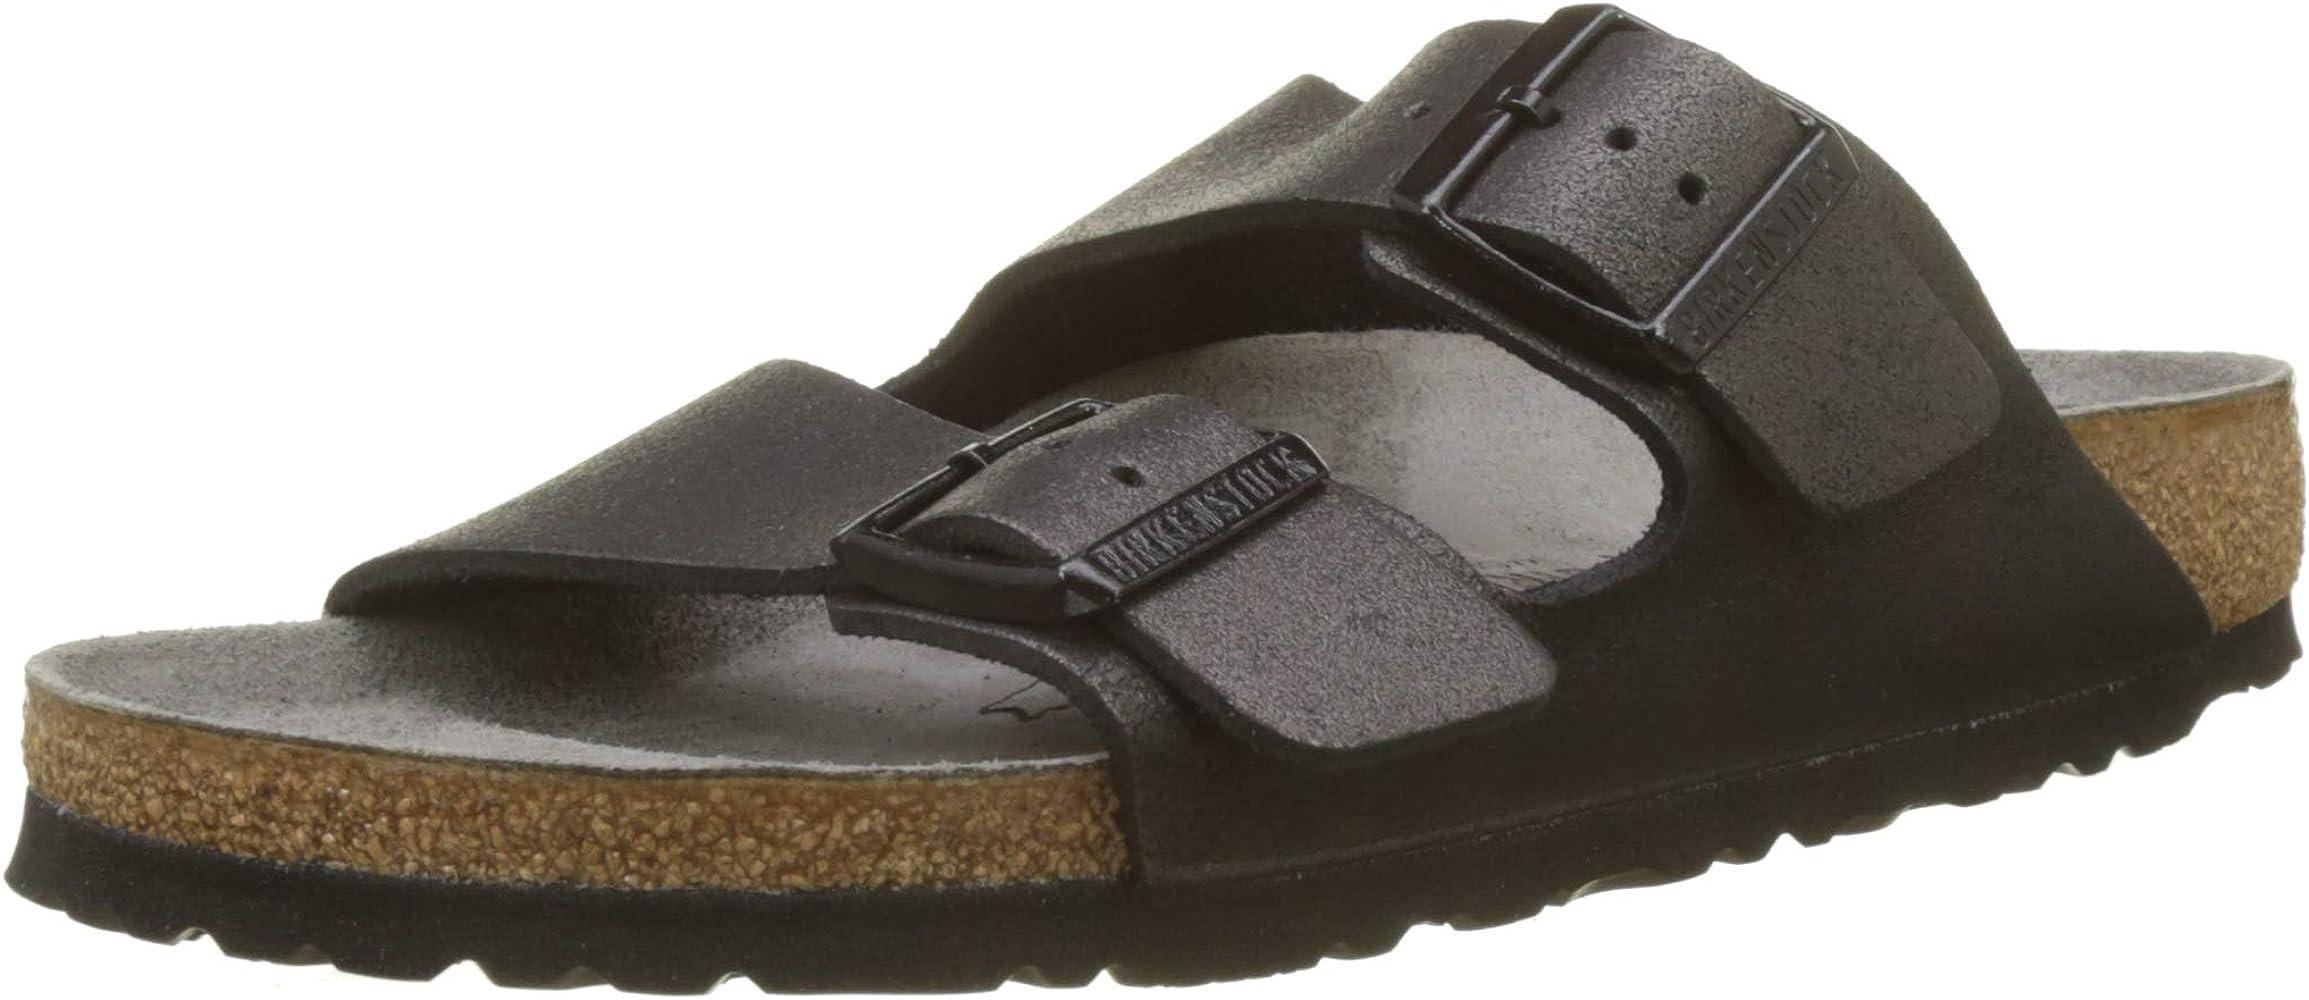 47b89a35e Birkenstock Women's Arizona Open Toe Sandals Washed Metallic Antique Black  ,2.5 UK (35 EU